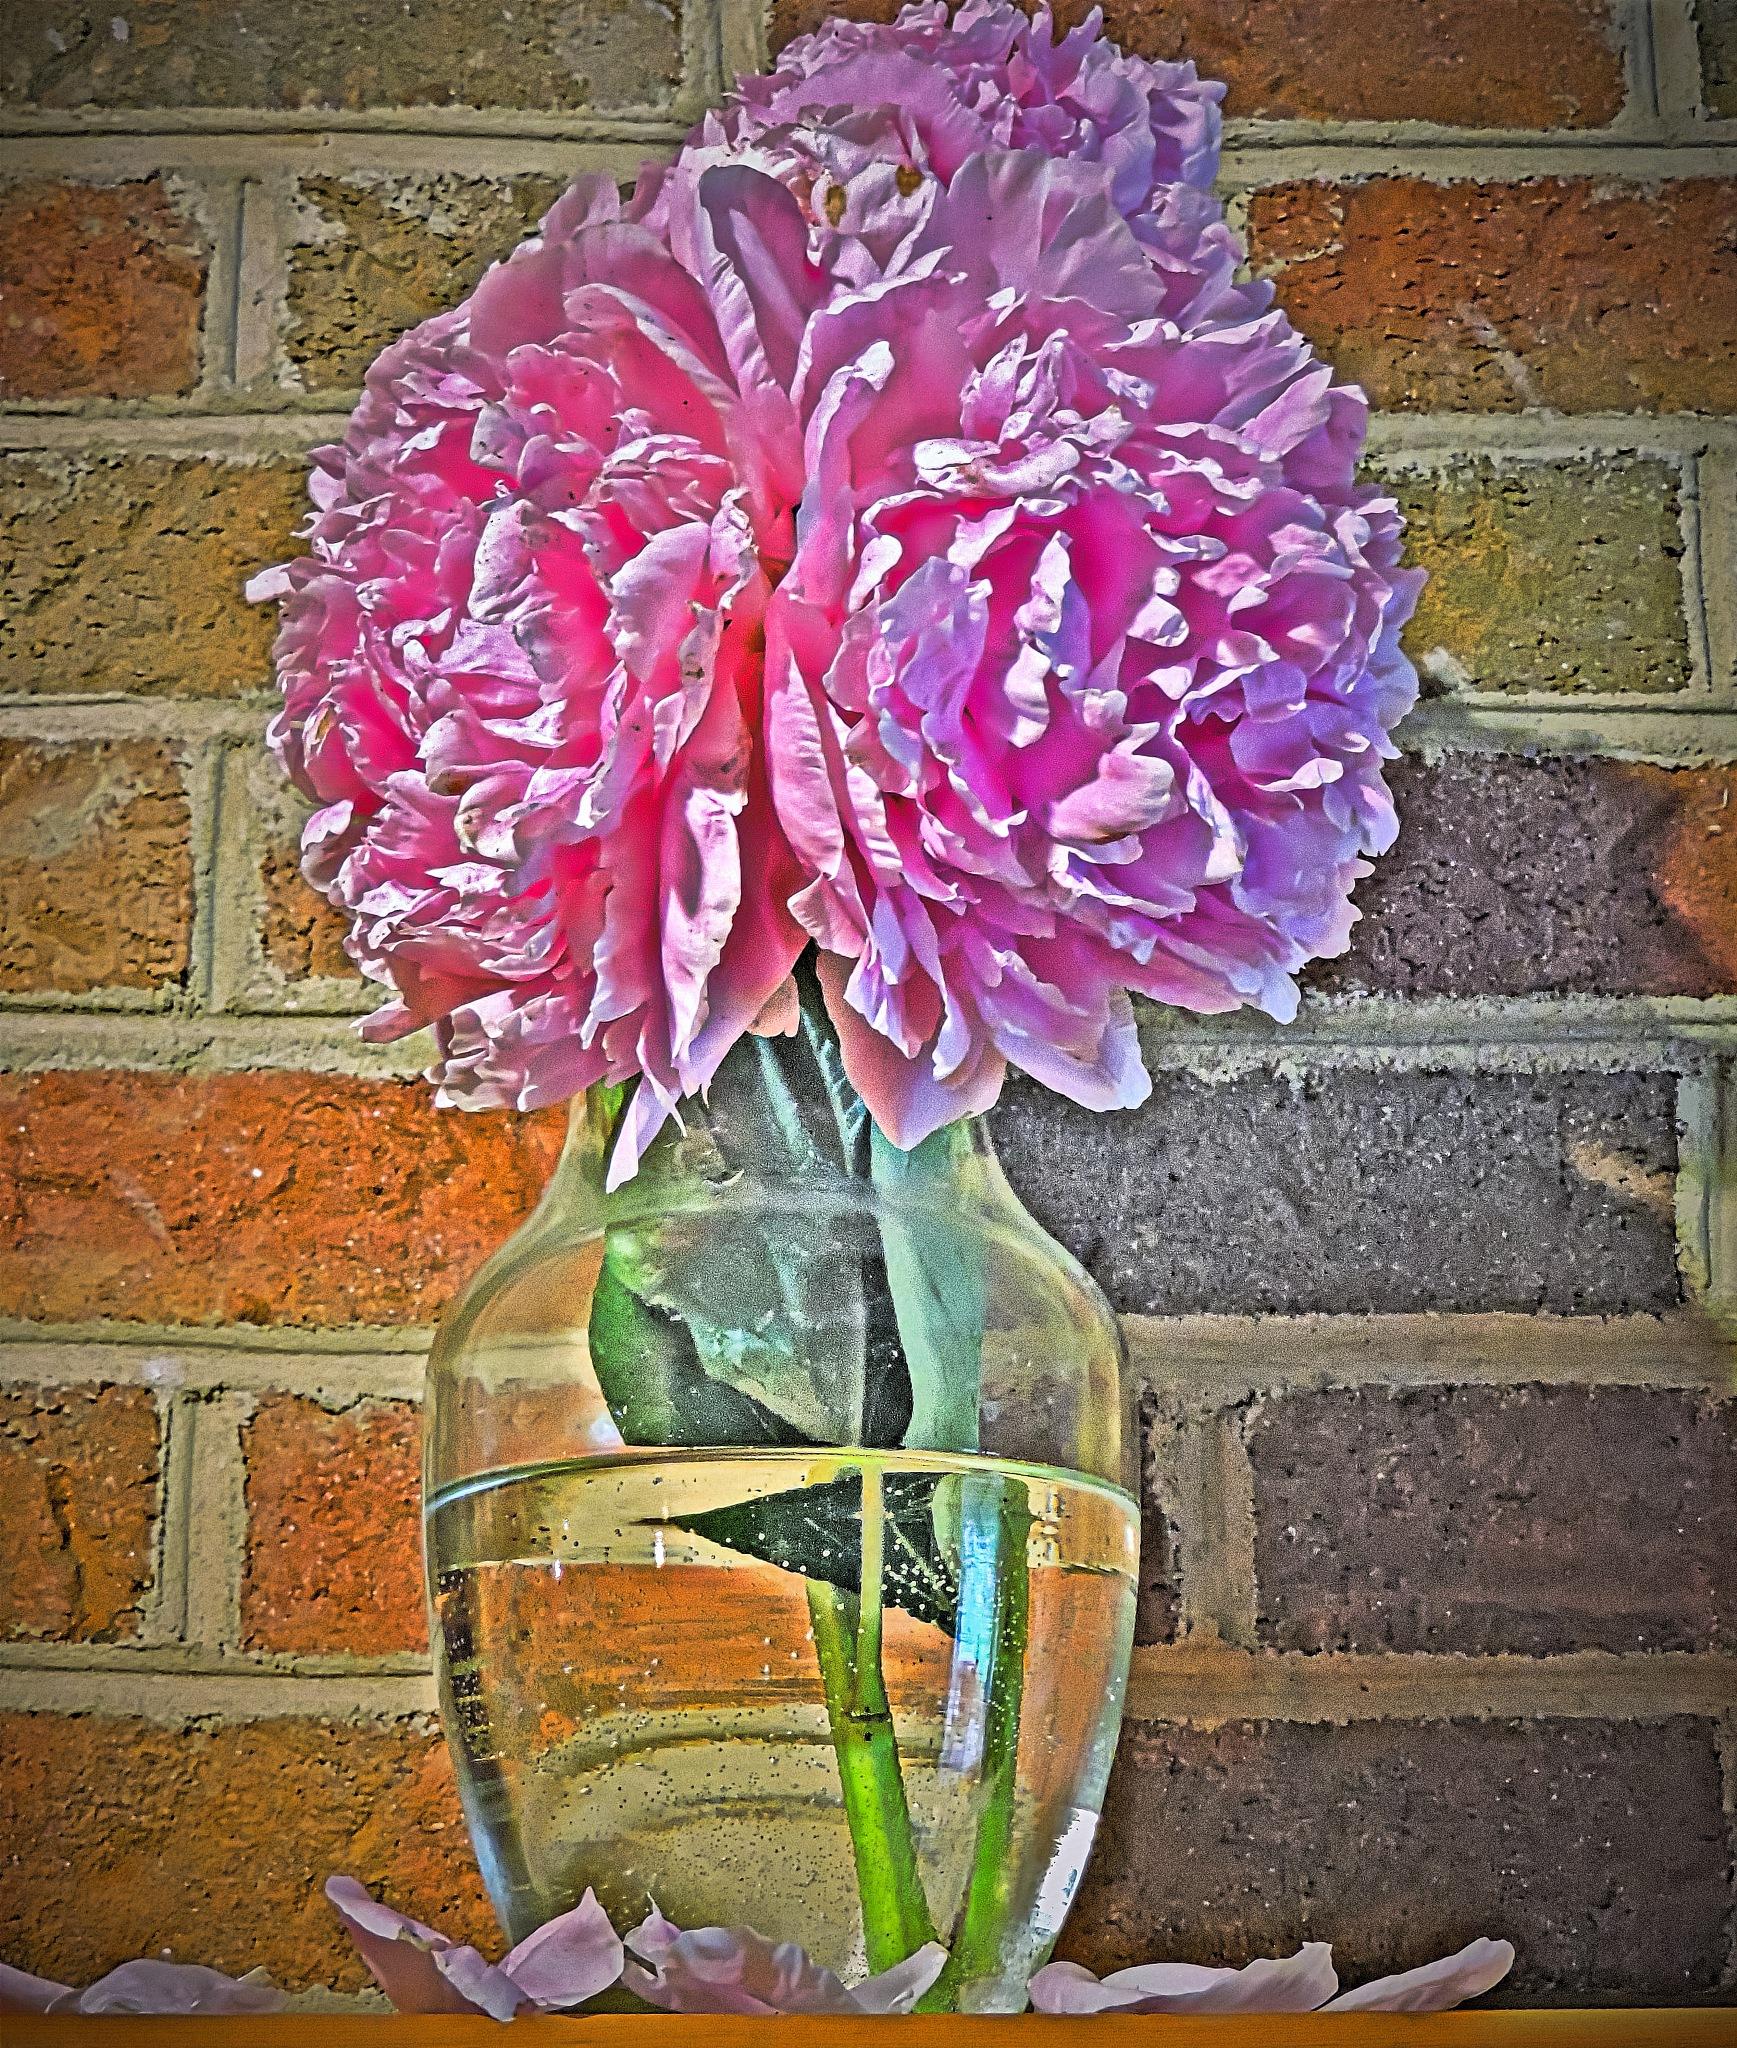 Vase Of Flowers by Melanie Goins